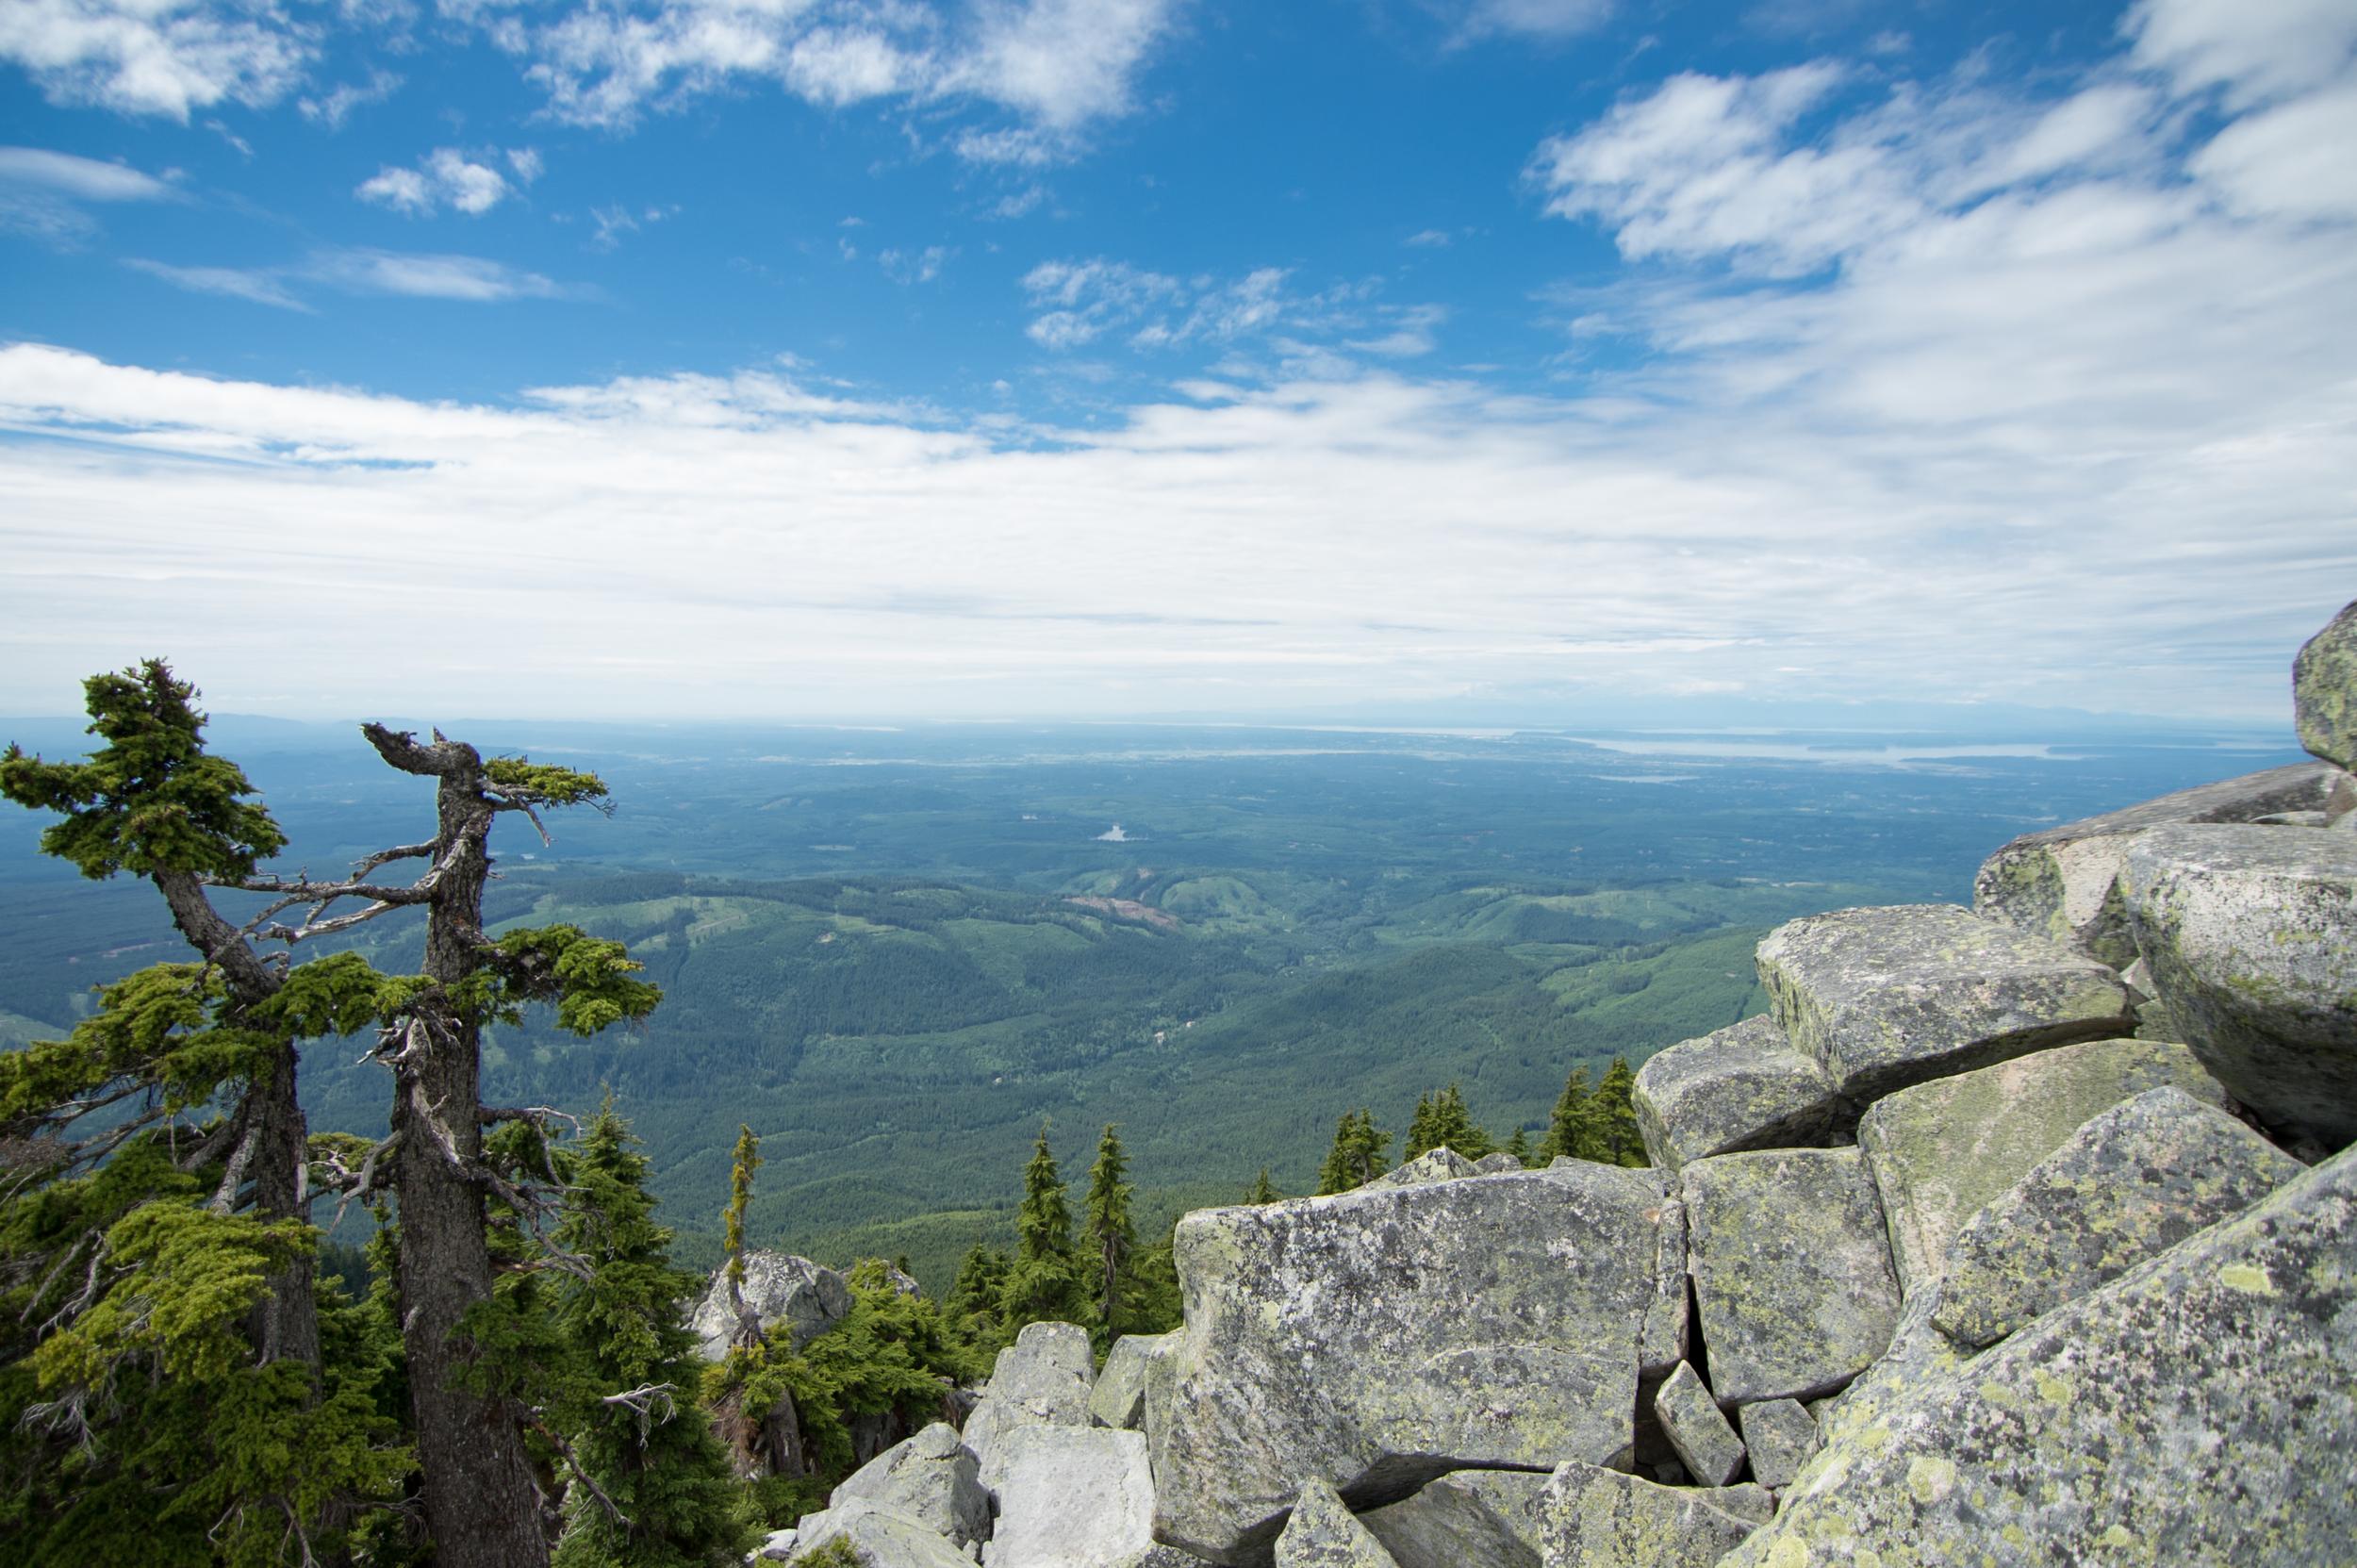 Mount_Pilchuck-33.jpg